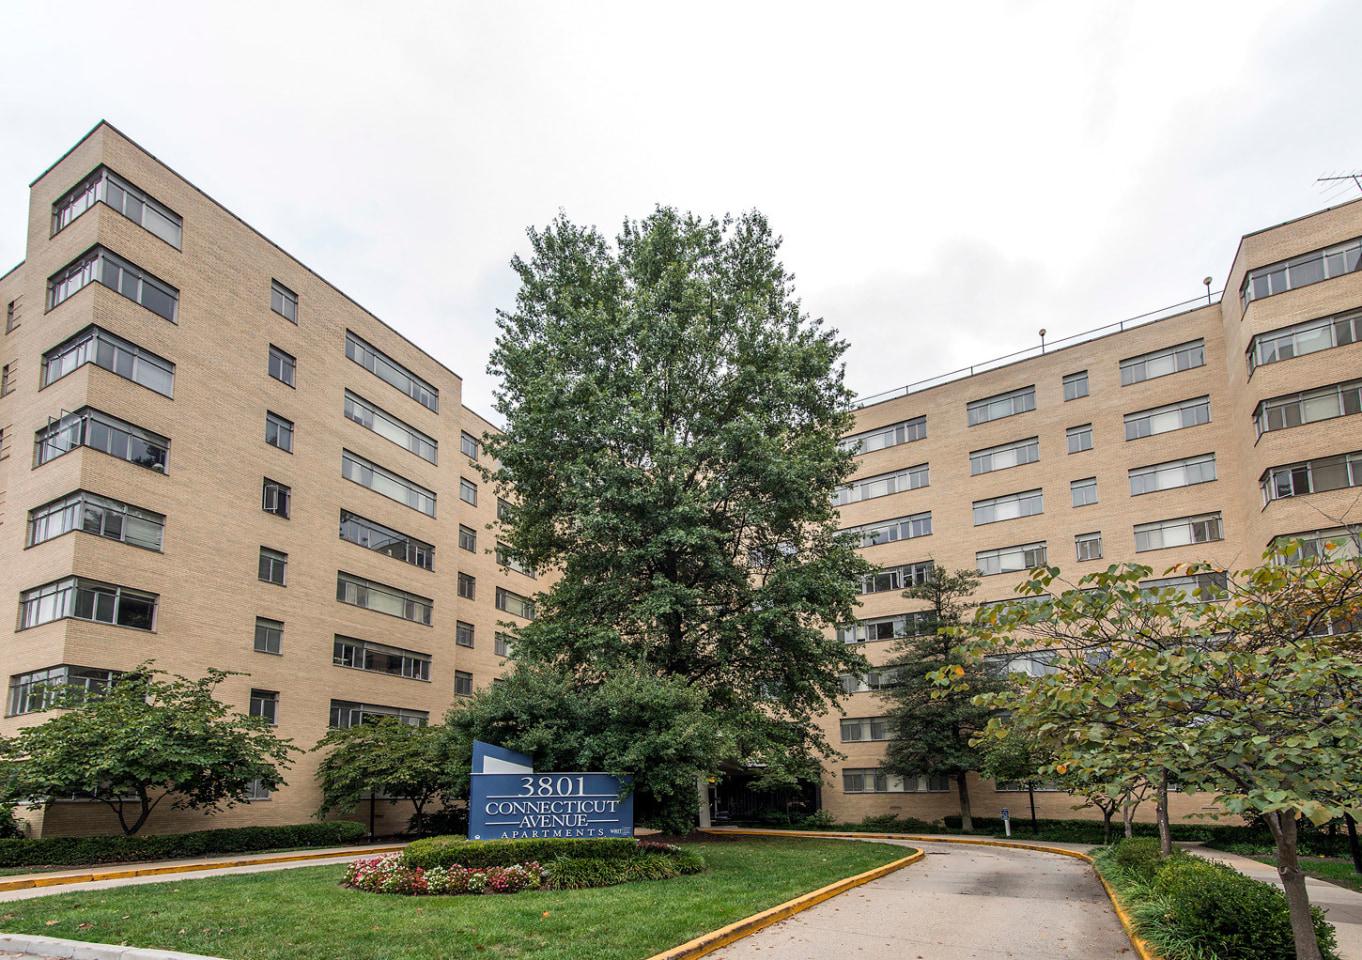 3801 Connecticut Avenue